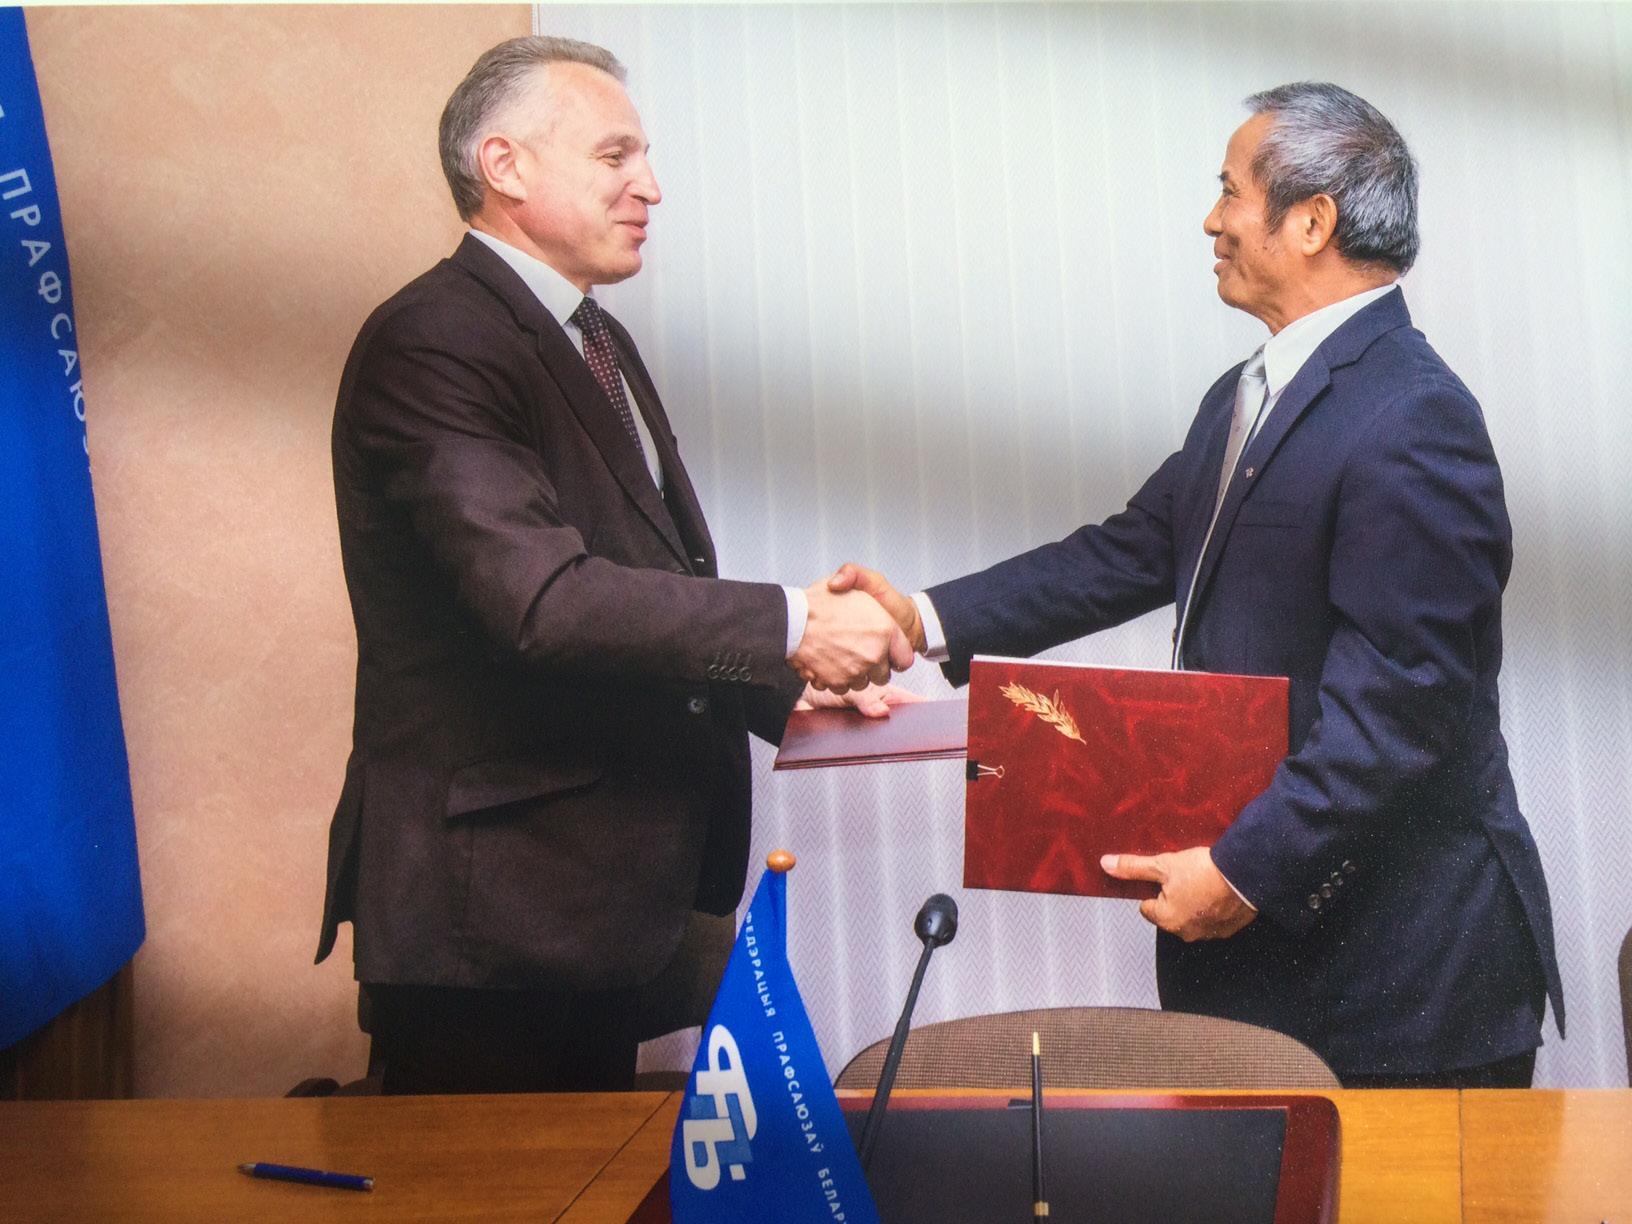 Chủ tịch Tổng LĐLĐVN kết thúc tốt đẹp chuyến thăm và làm việc tại Belarus: Củng cố, thúc đẩy quan hệ hợp tác giữa công đoàn hai nước